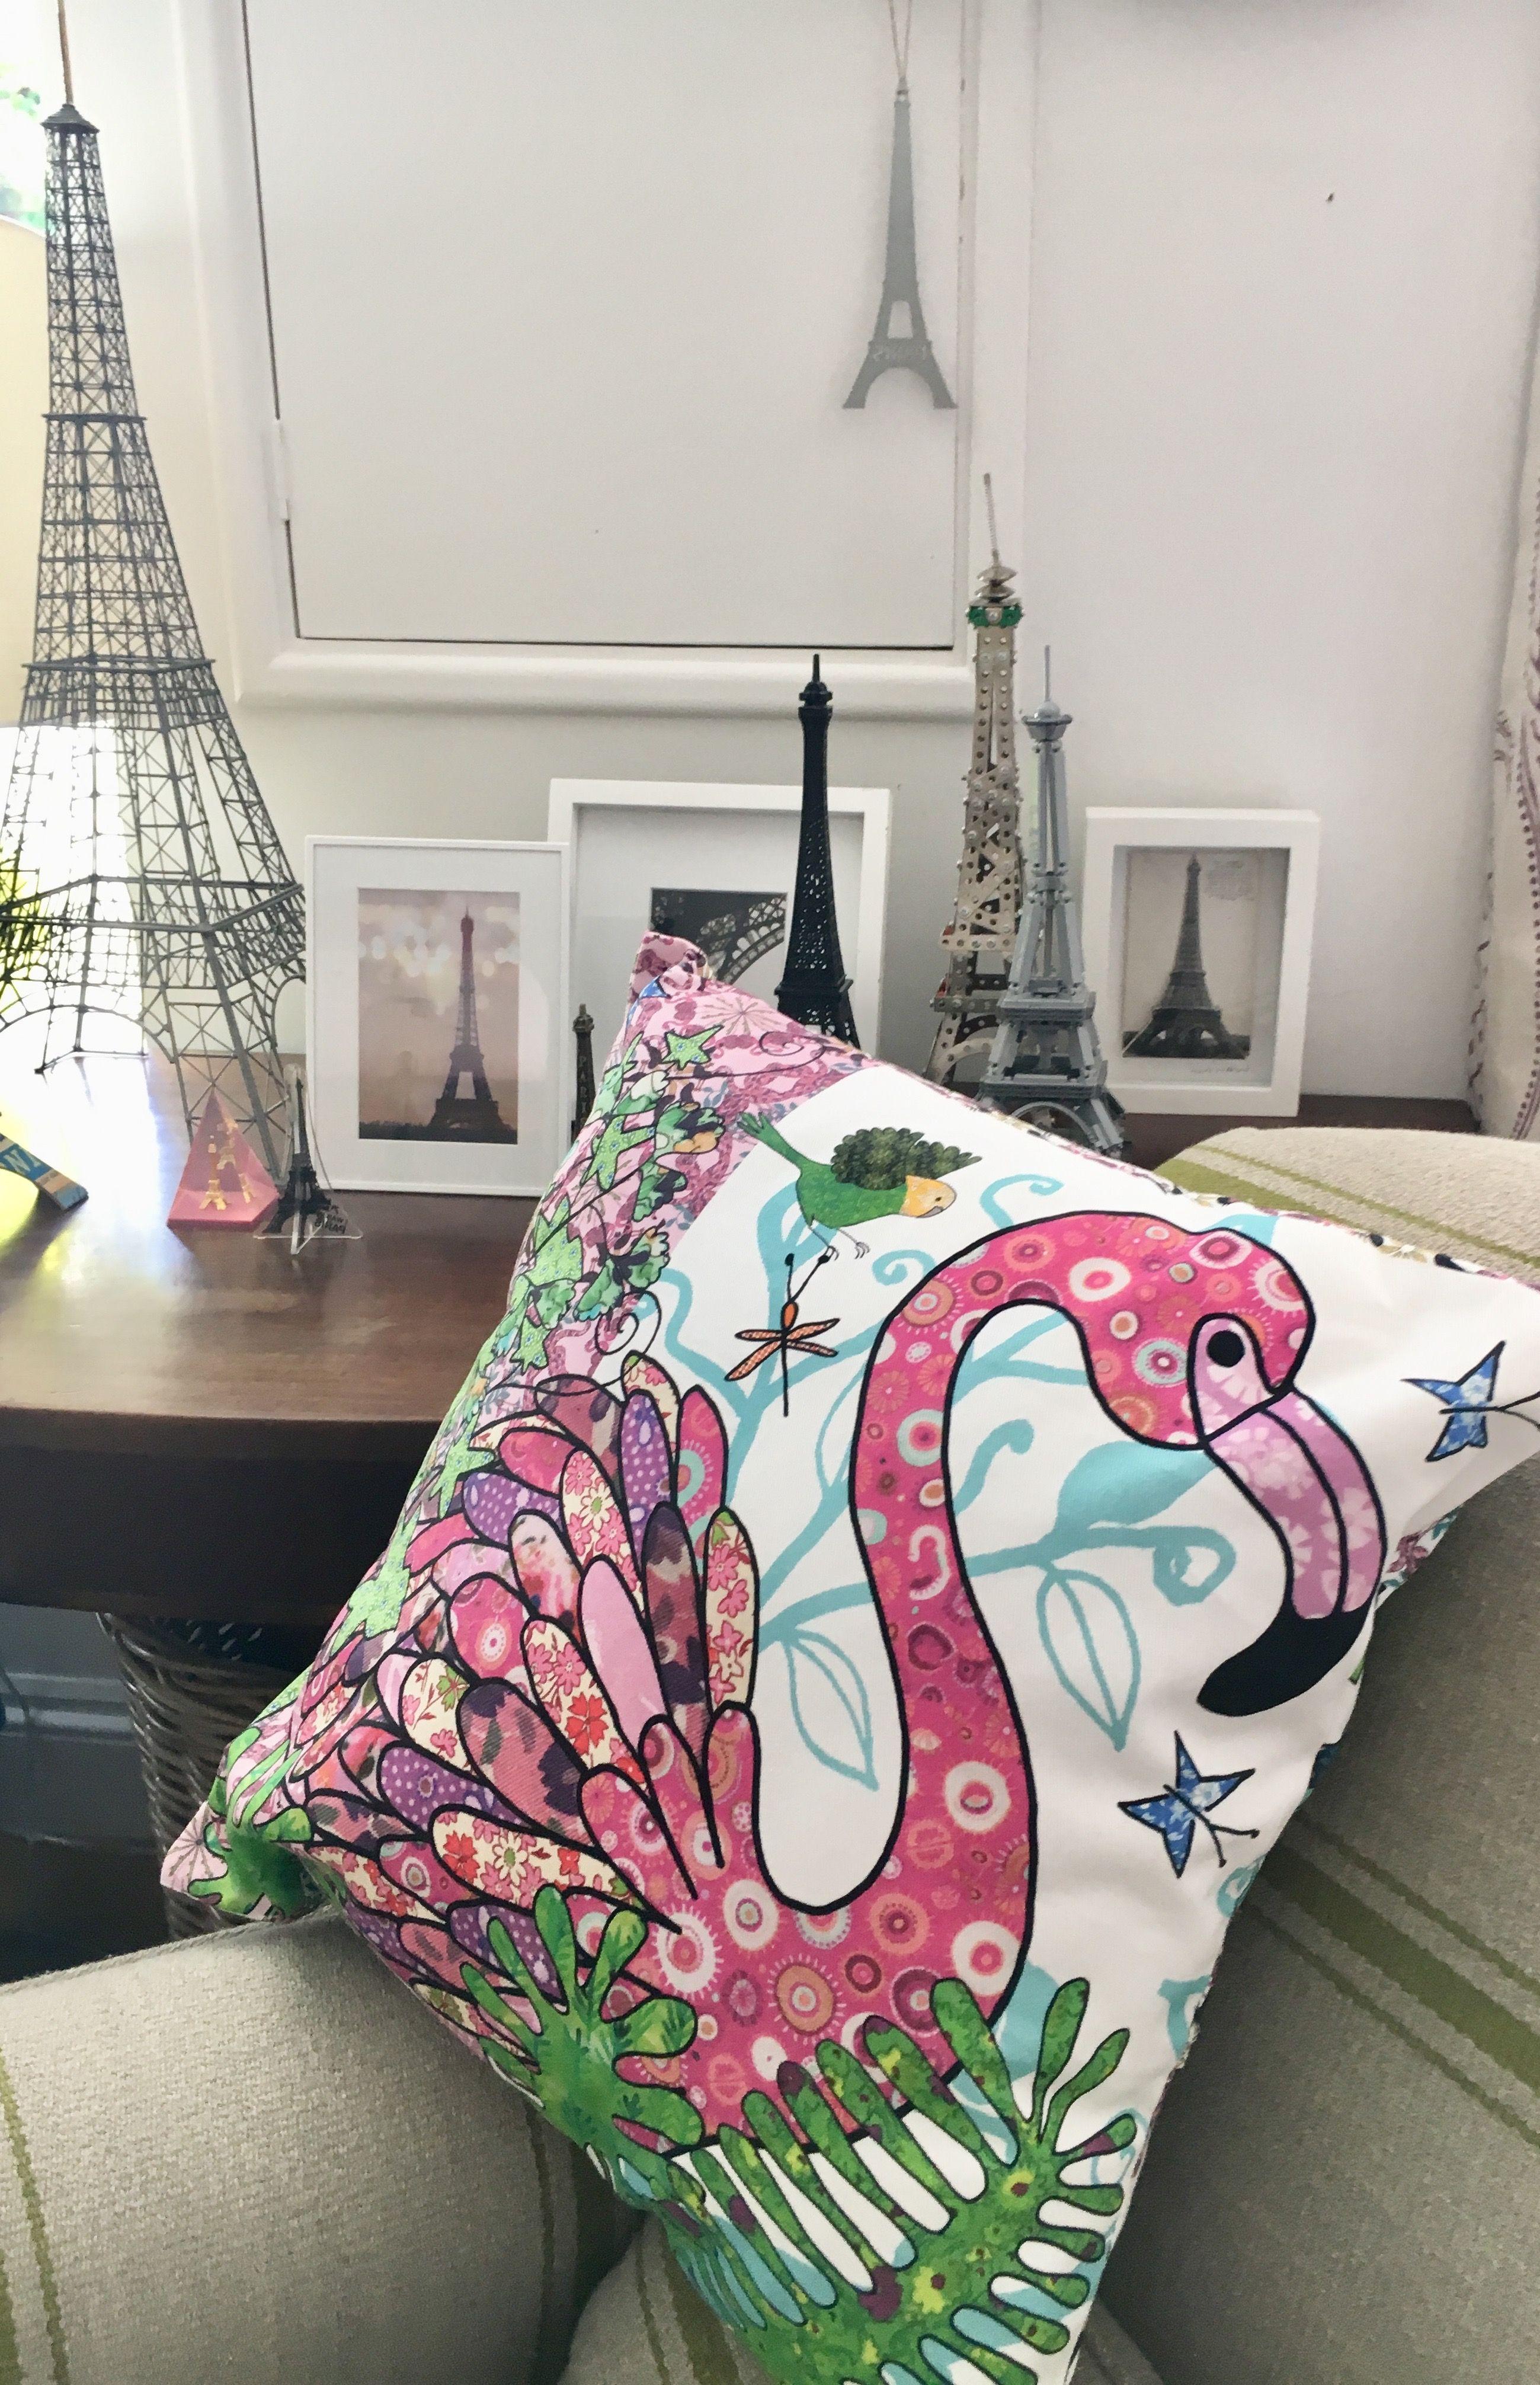 Flamingo cushion decorative pillow chair cushion thereus a few